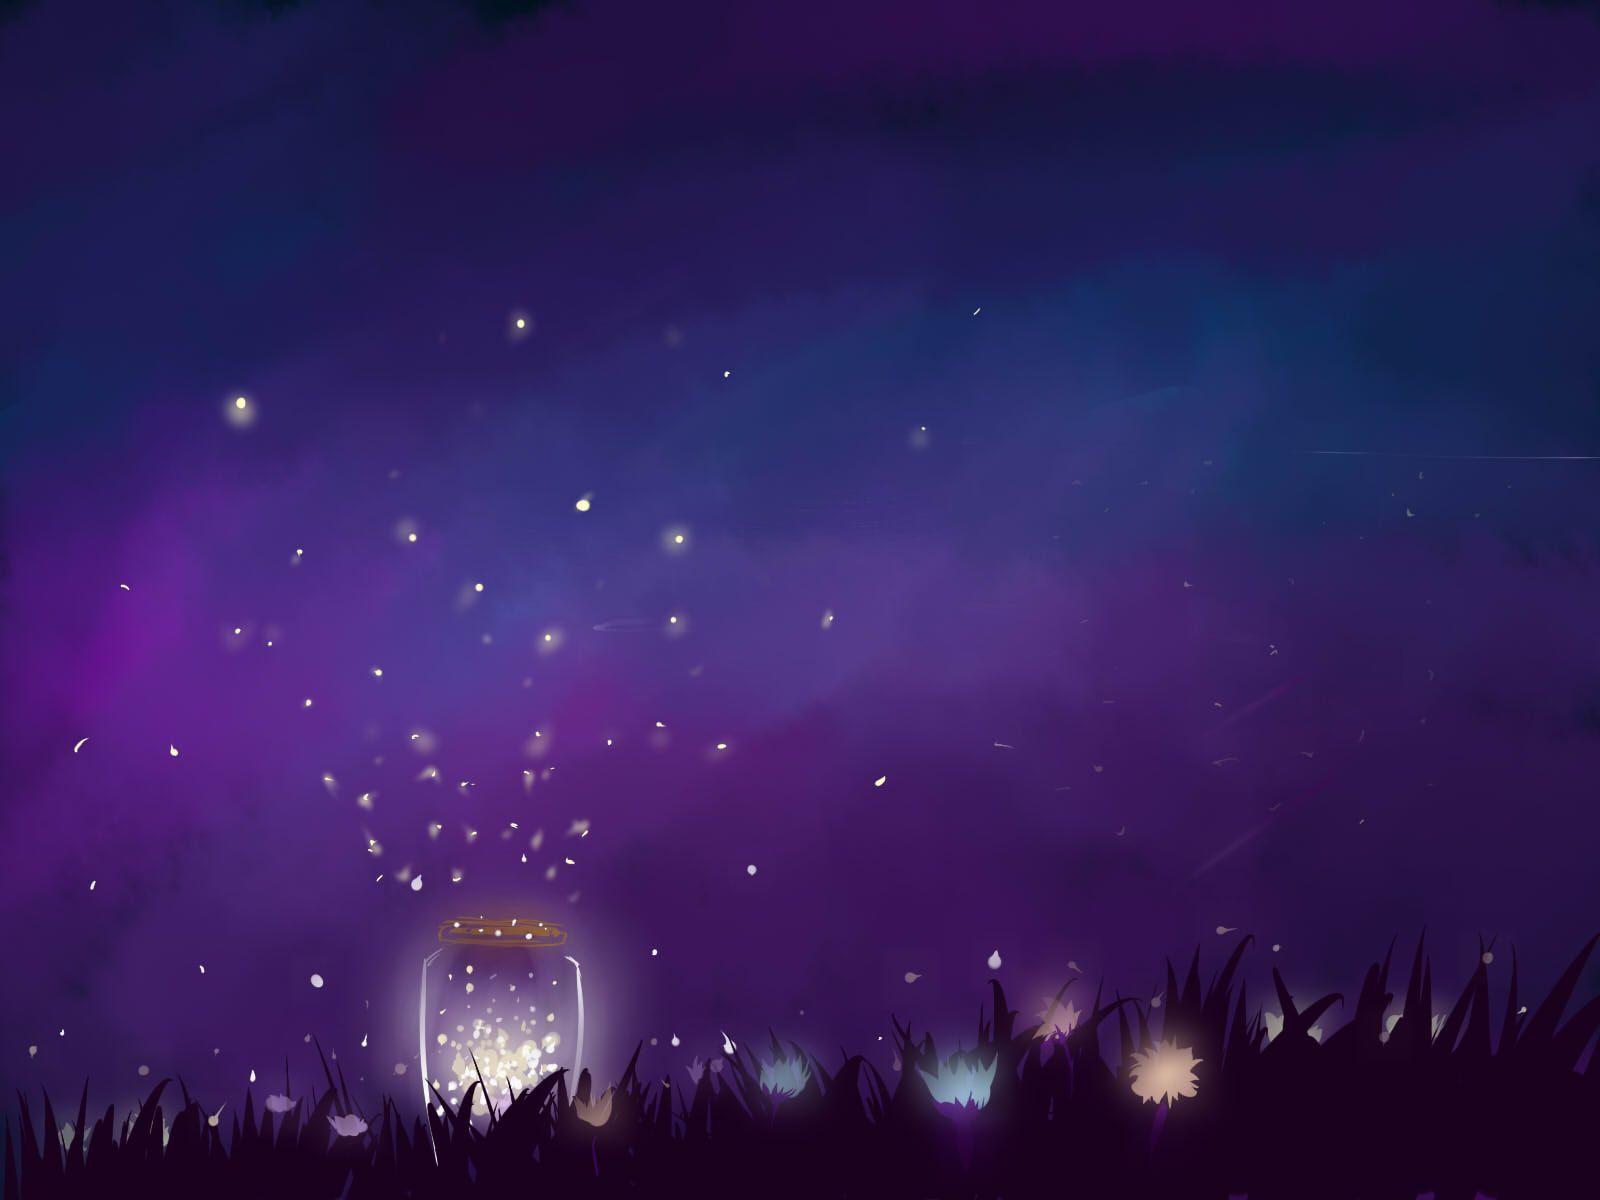 Fireflies In A Jar Wallpaper | Management Science